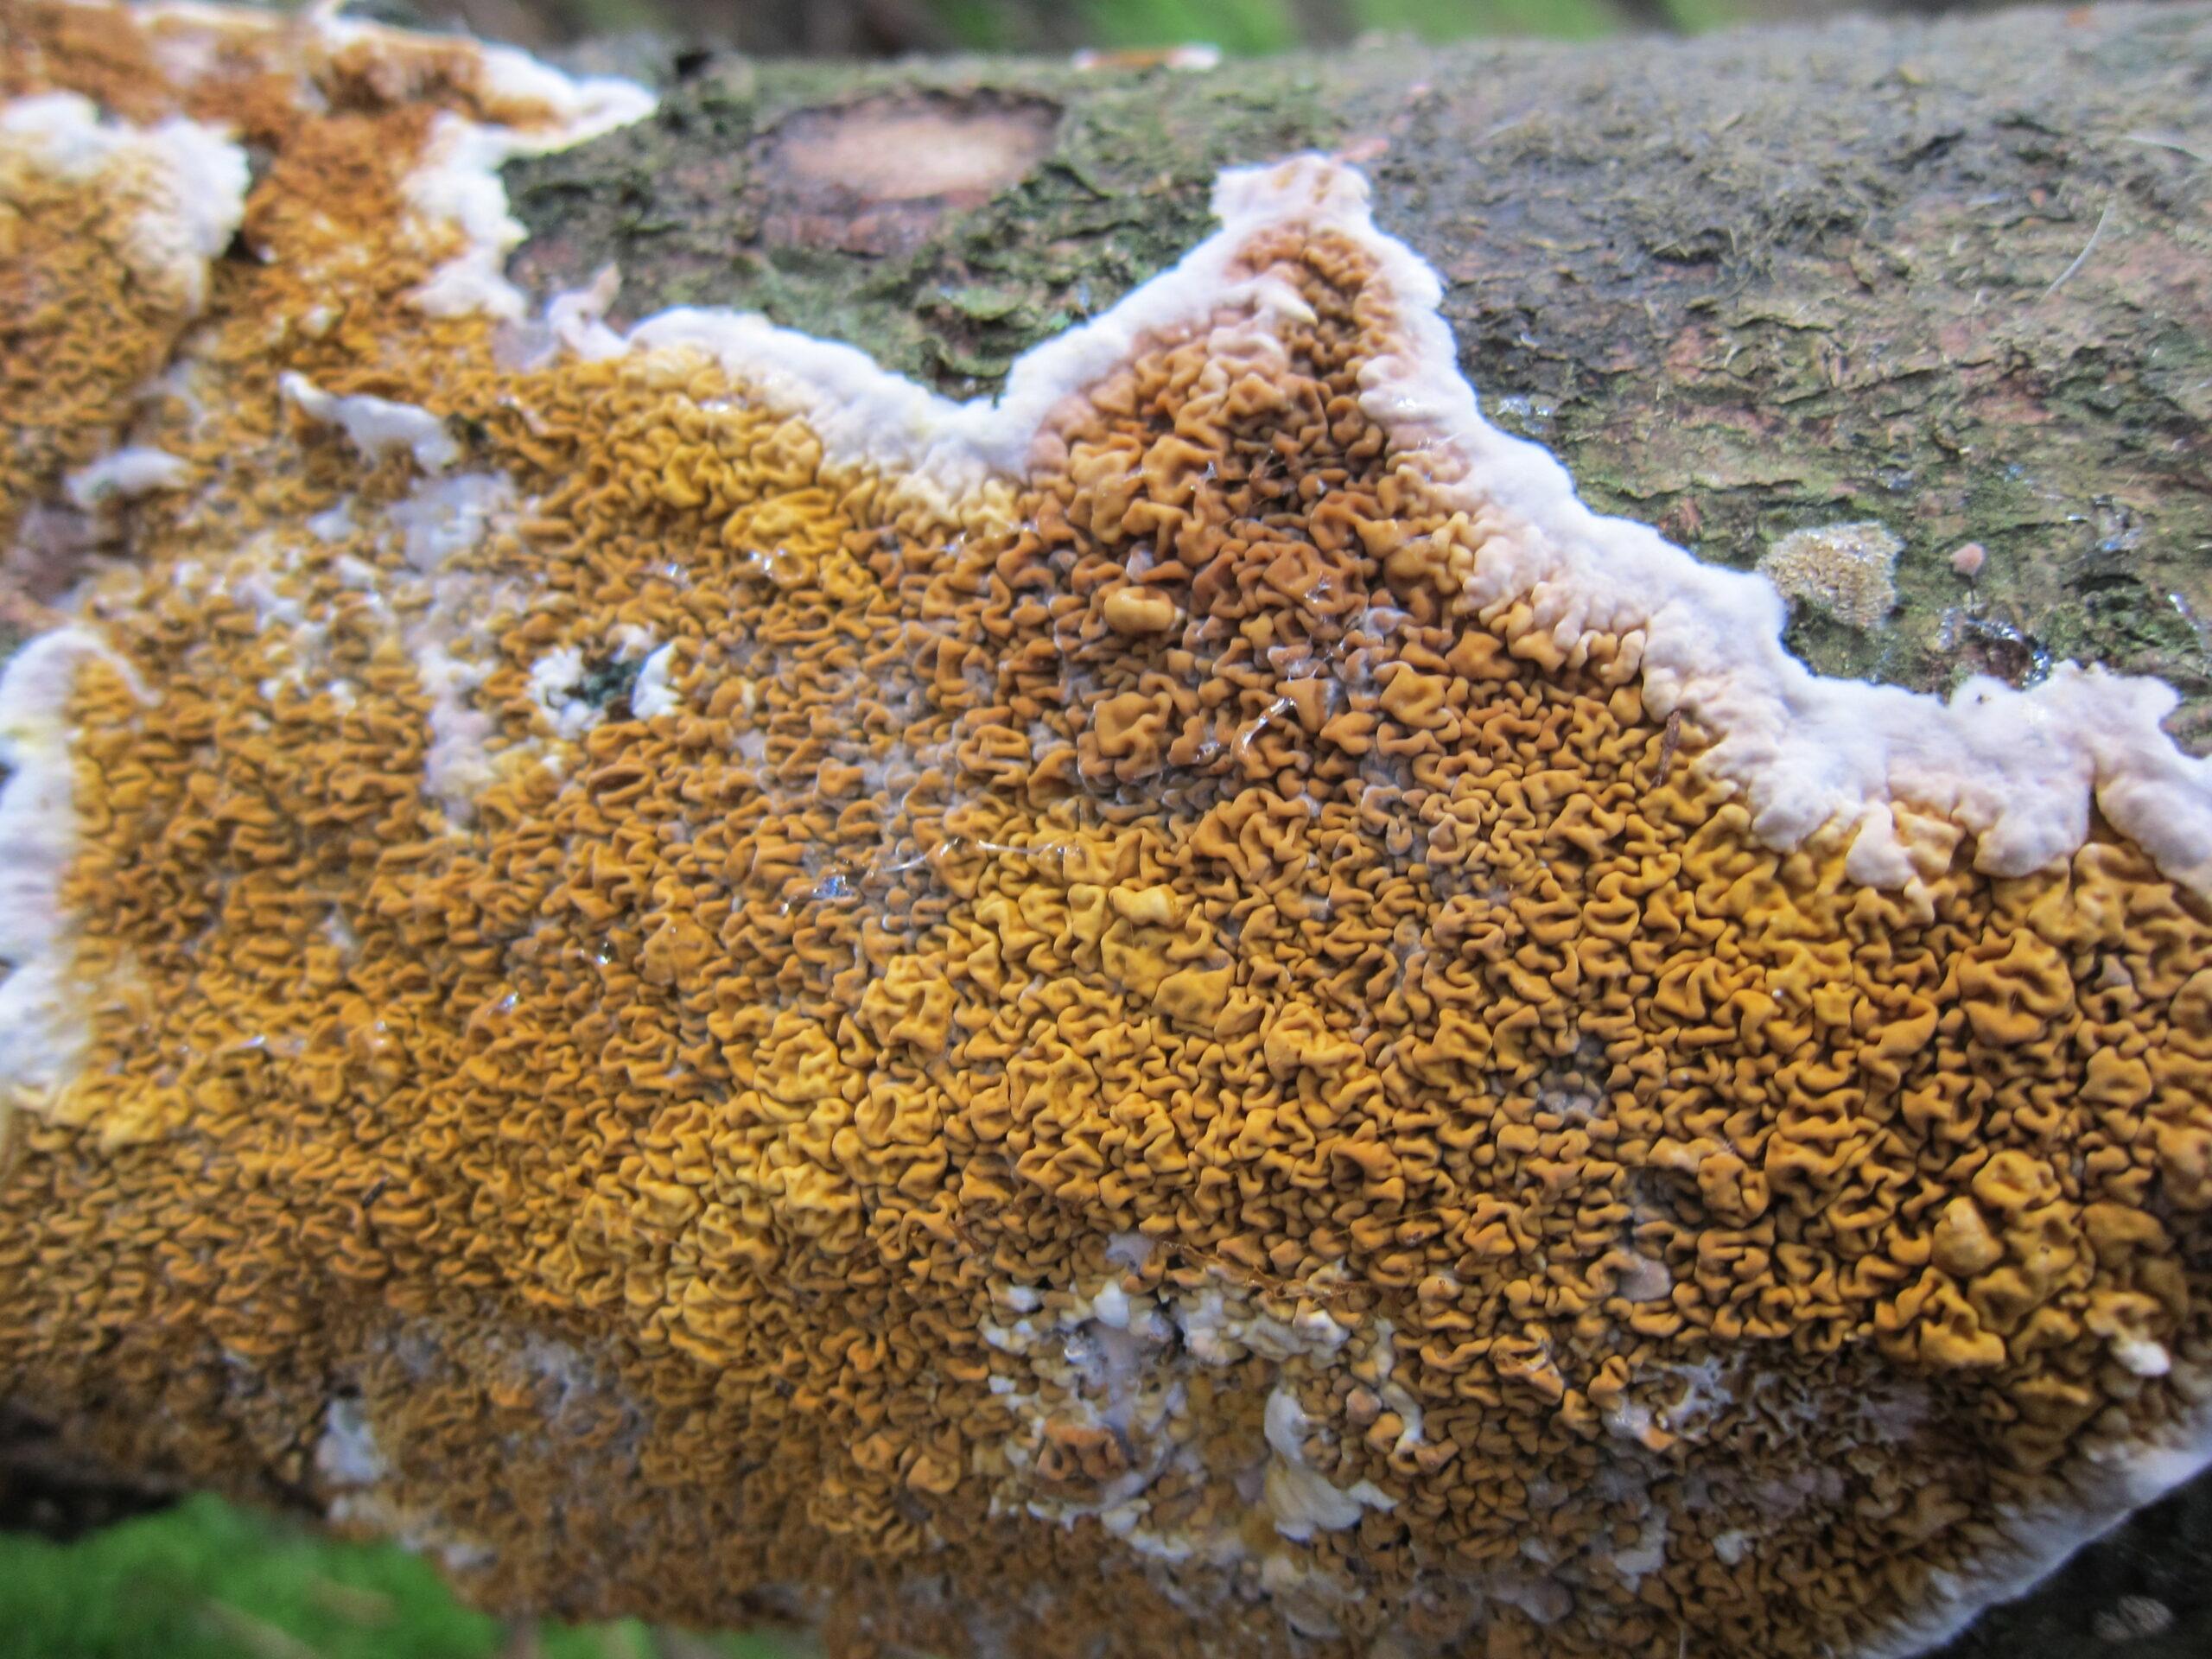 Stunning_beauty_this_rare_mushroom_Serpula_himantioides_(no_GB_name,_D=_Wilder_Hausschwamm,_NL=_Dakloze_huiszwam)_at_Hoge_Veluwe_NP_-_panoramio